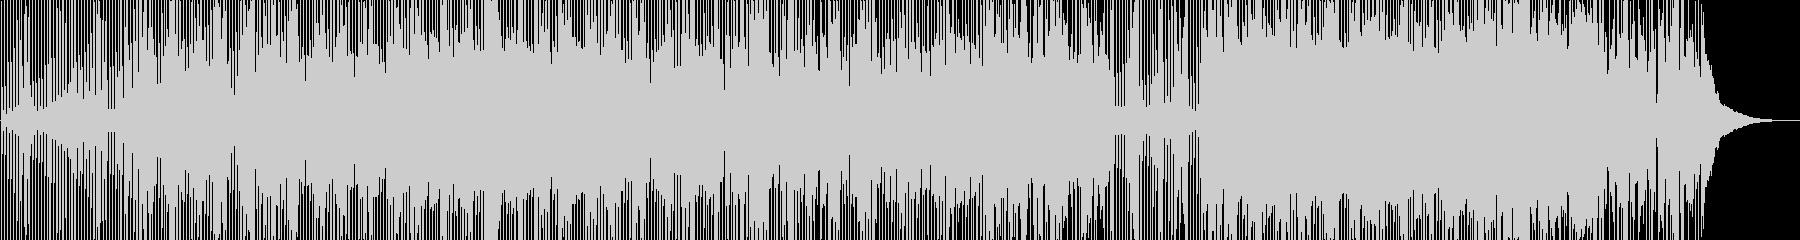 晴れやかなオープニングを彩るベルPOPSの未再生の波形